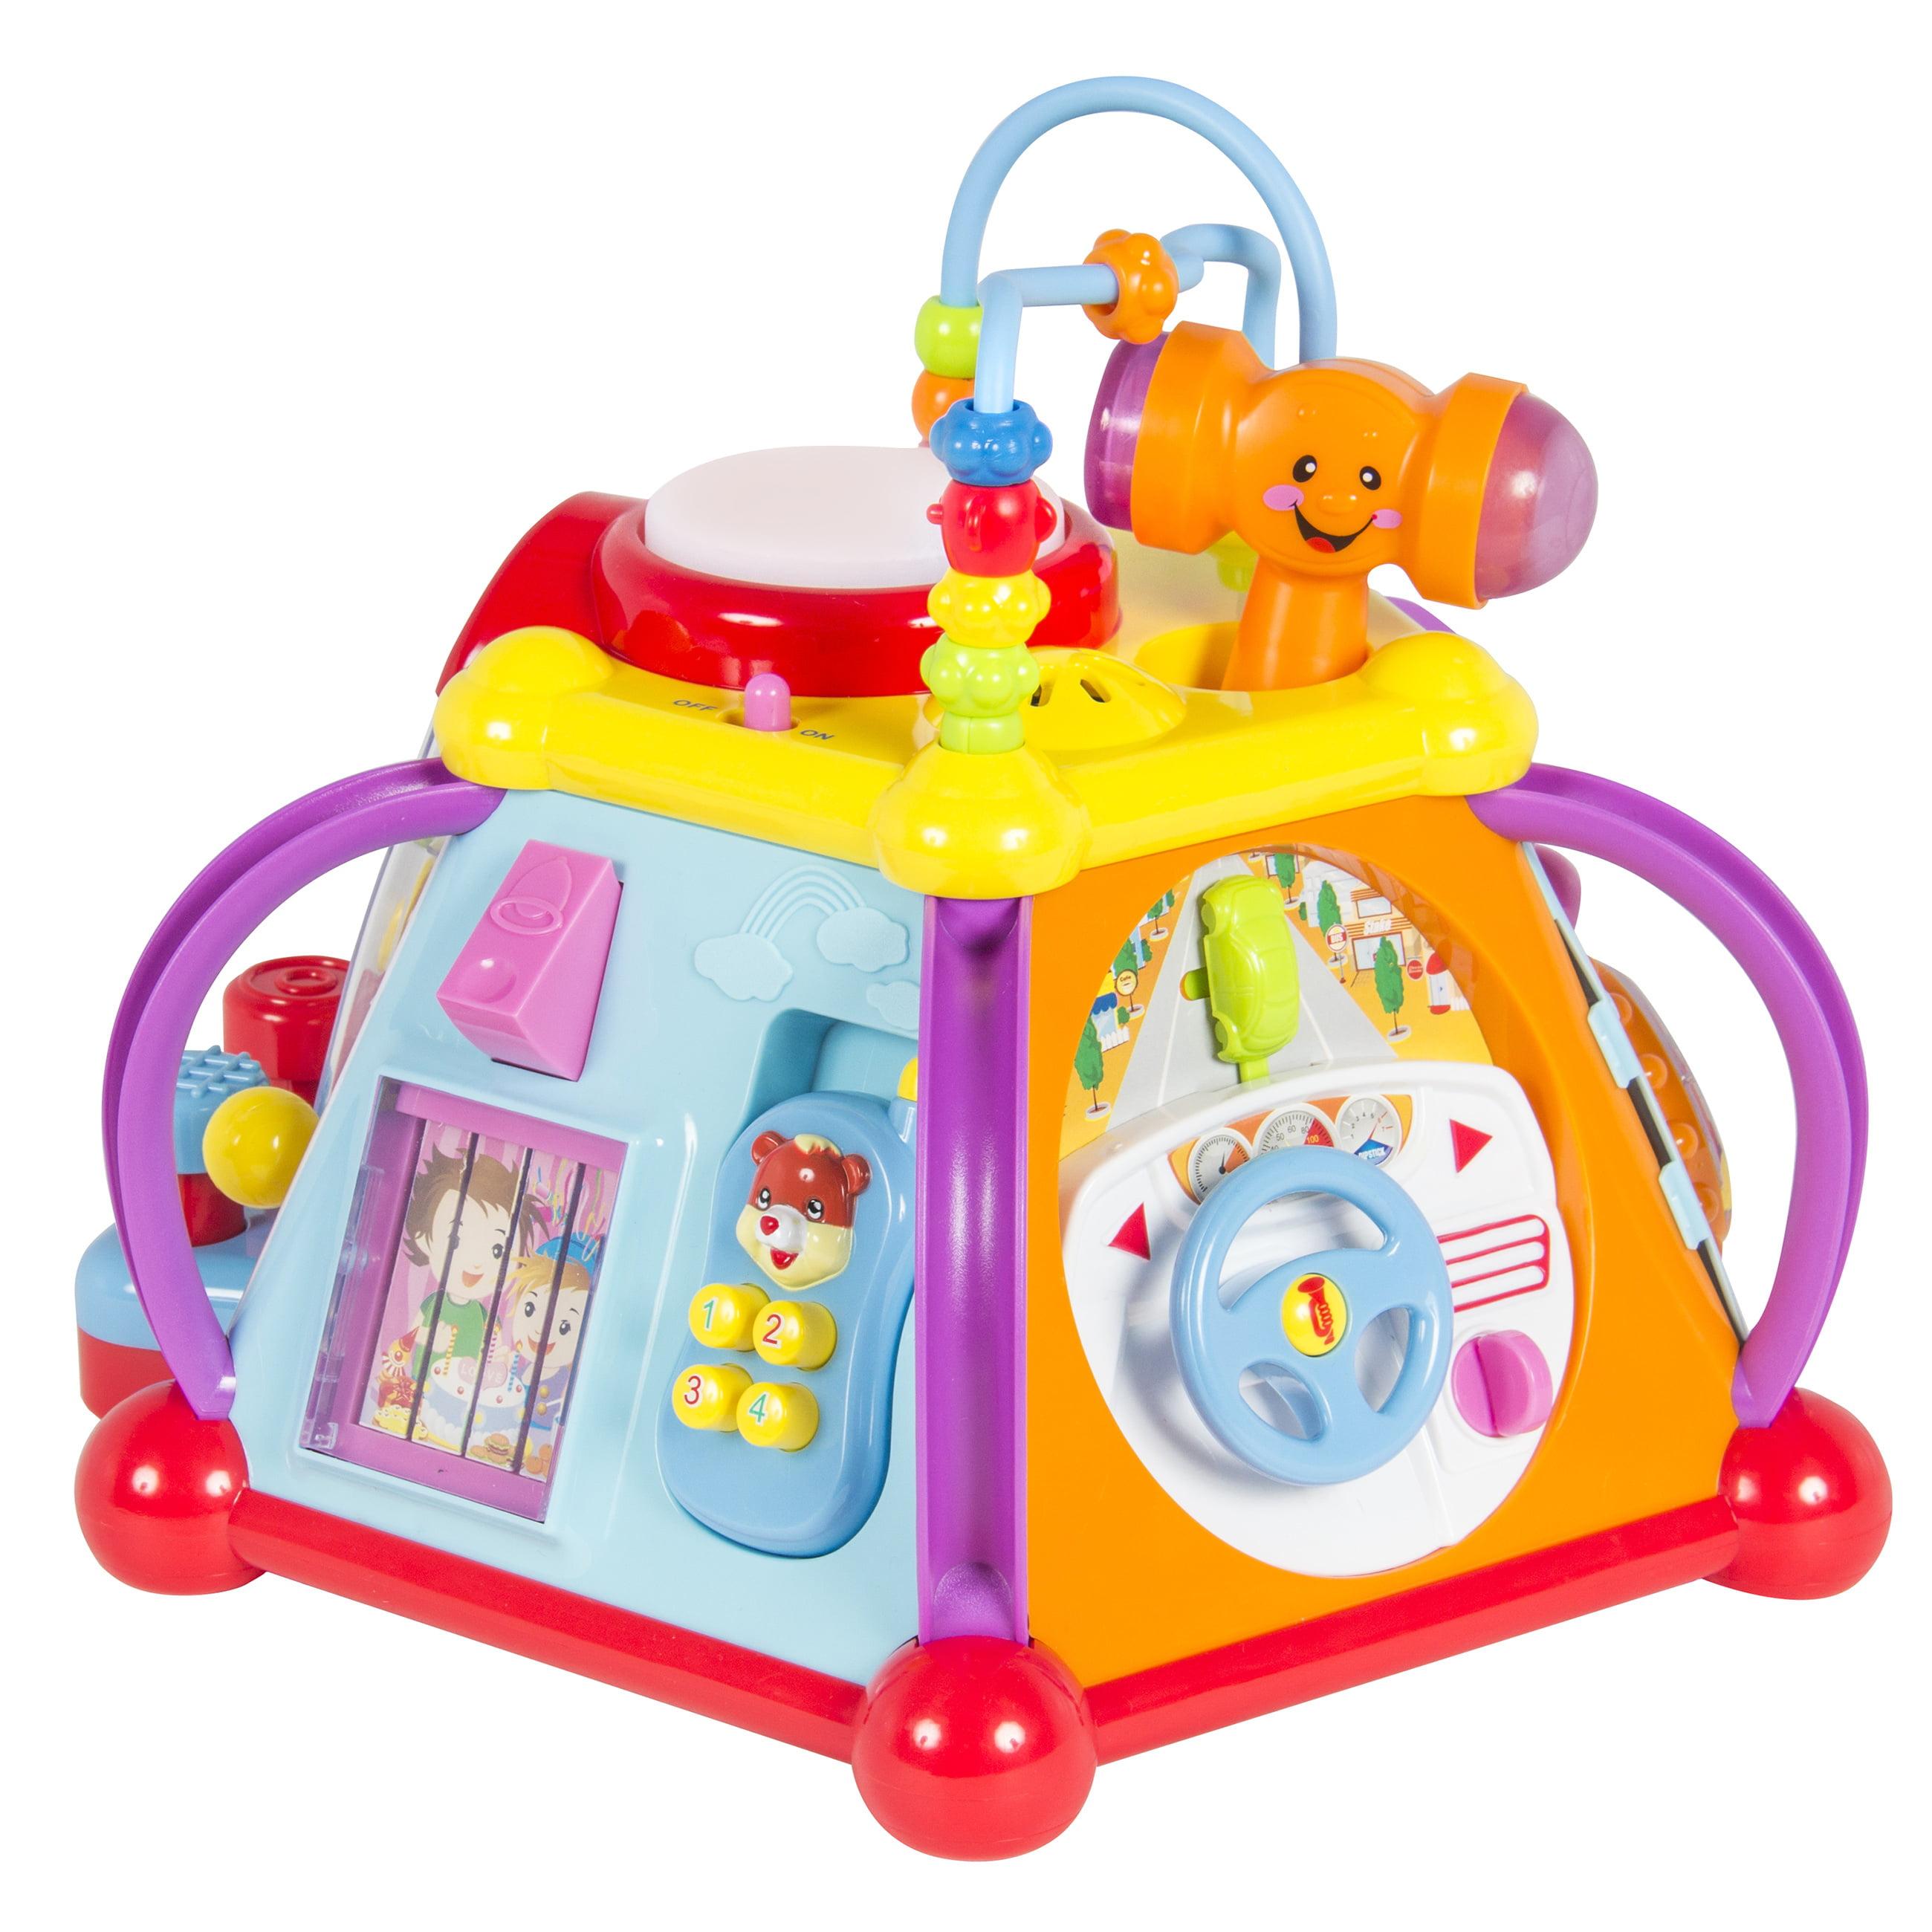 Cube d'activités musicales pour bébés avec jouets 15